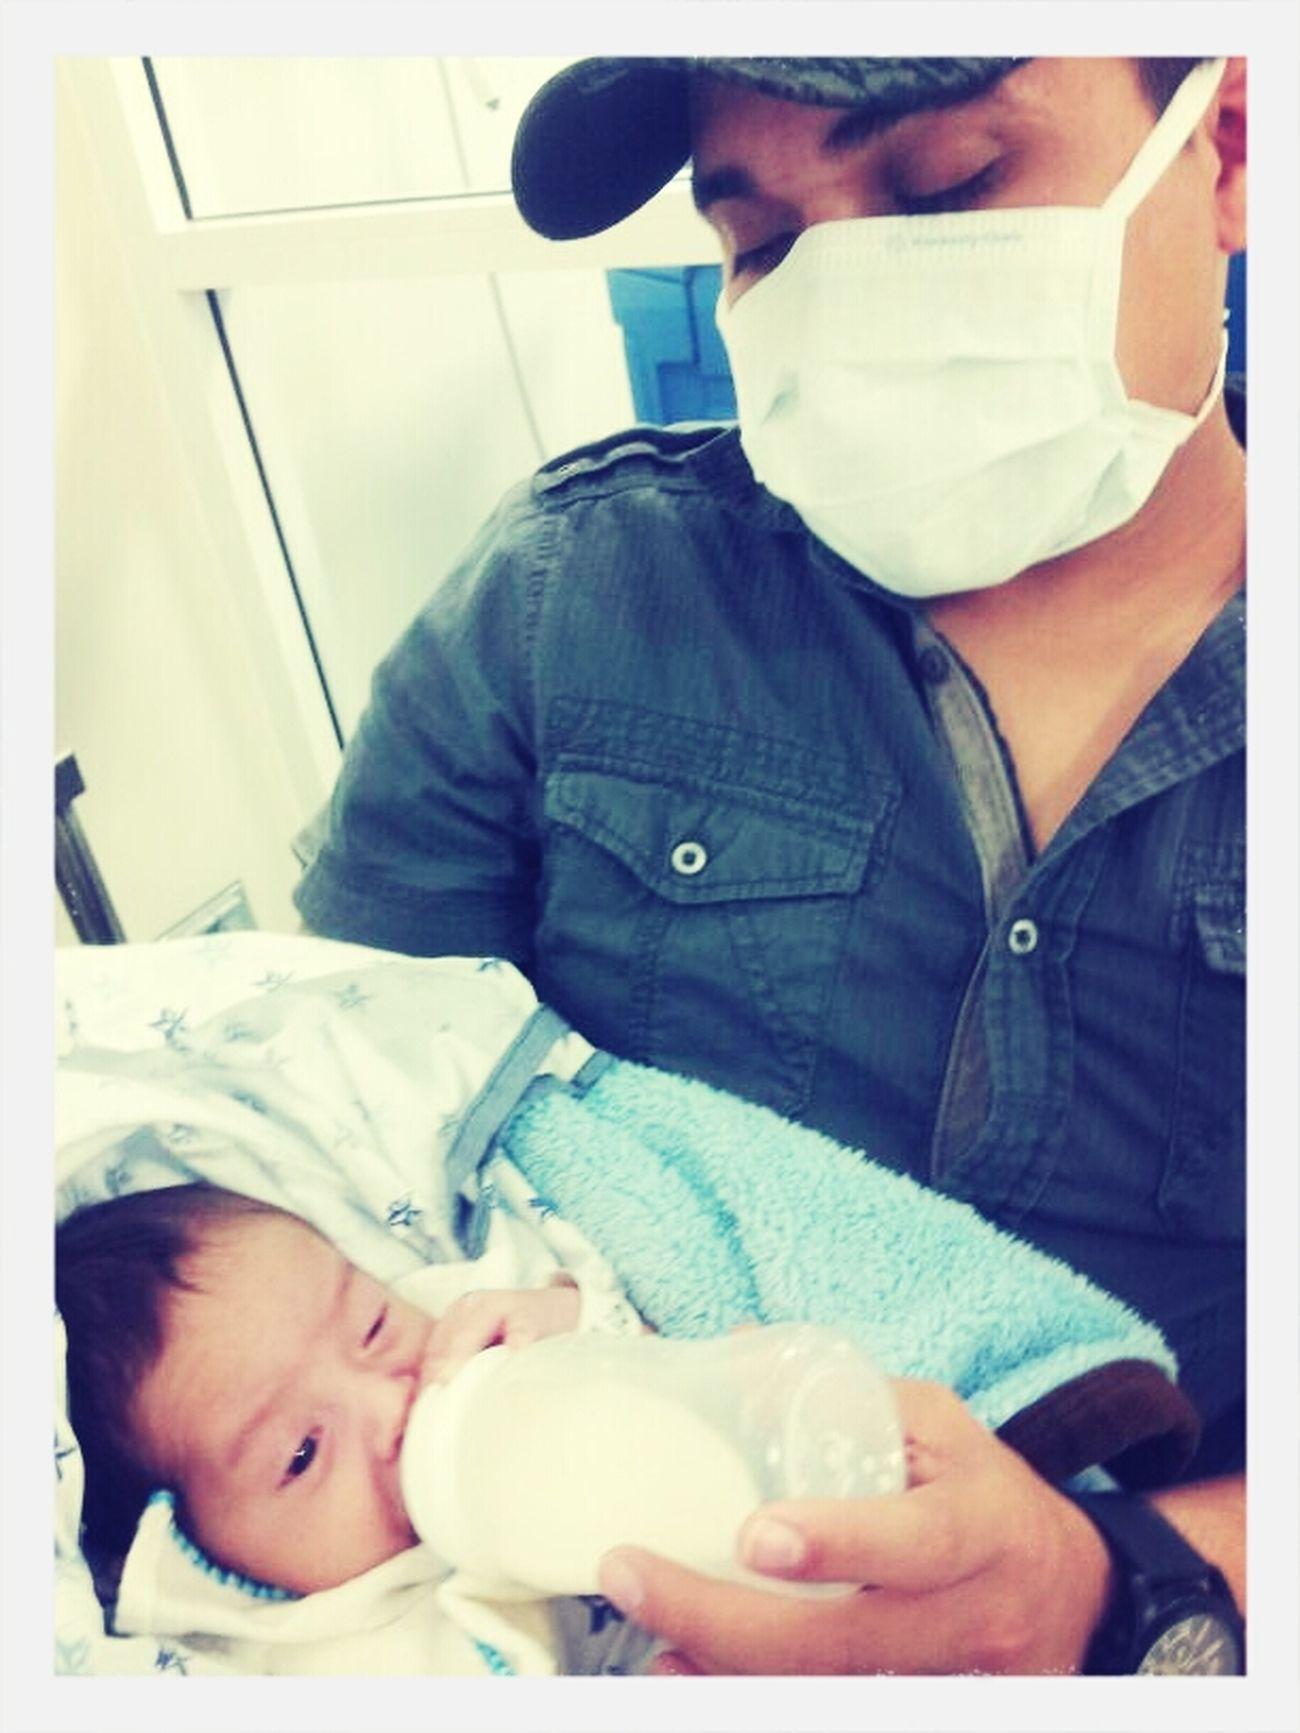 Junior recuperandose satisfactoriamente gracias a dios :)